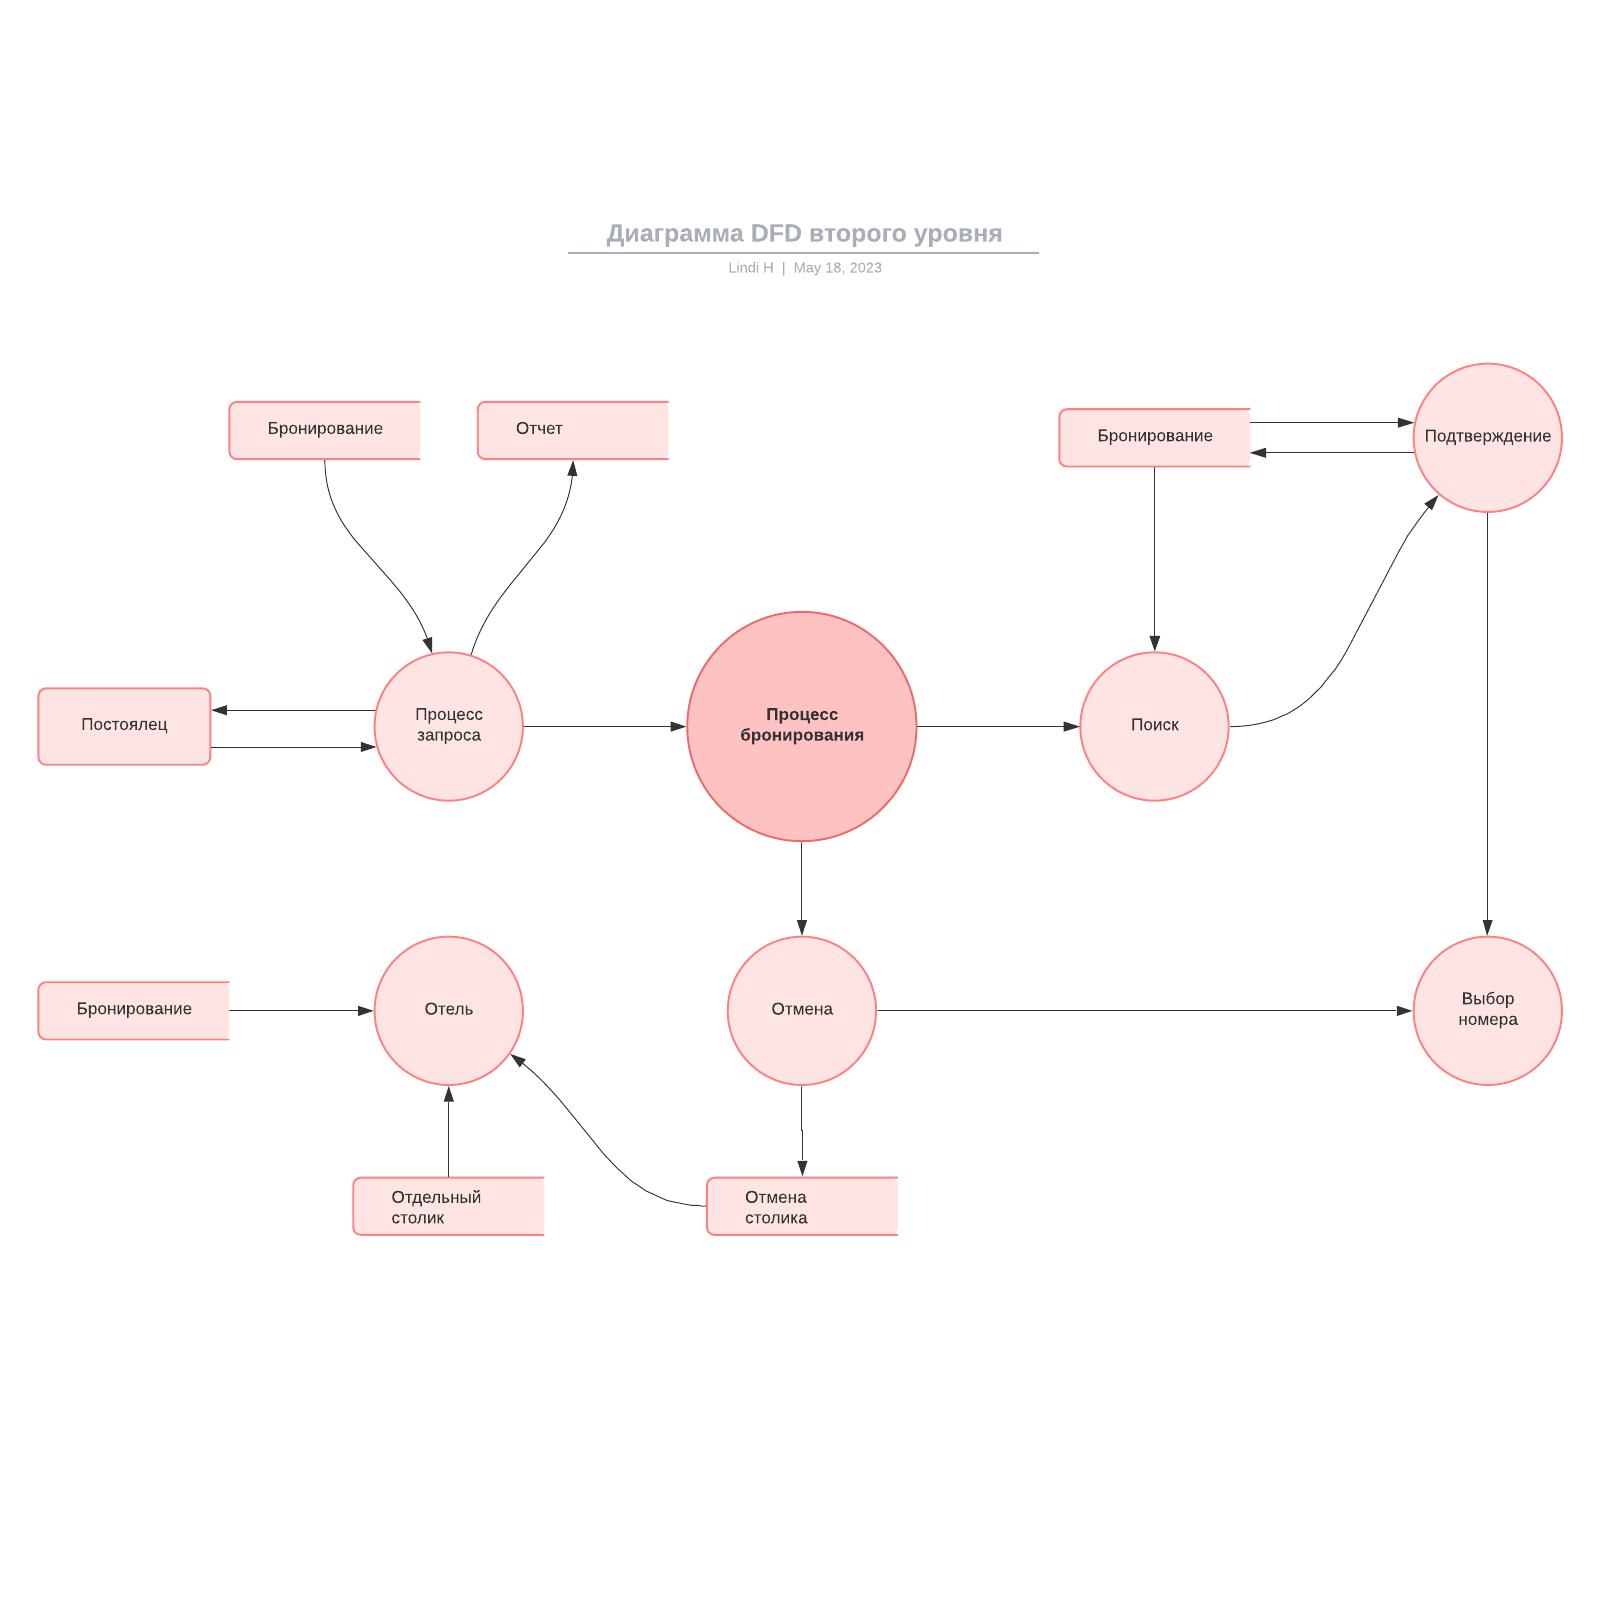 Диаграмма DFD второго уровня